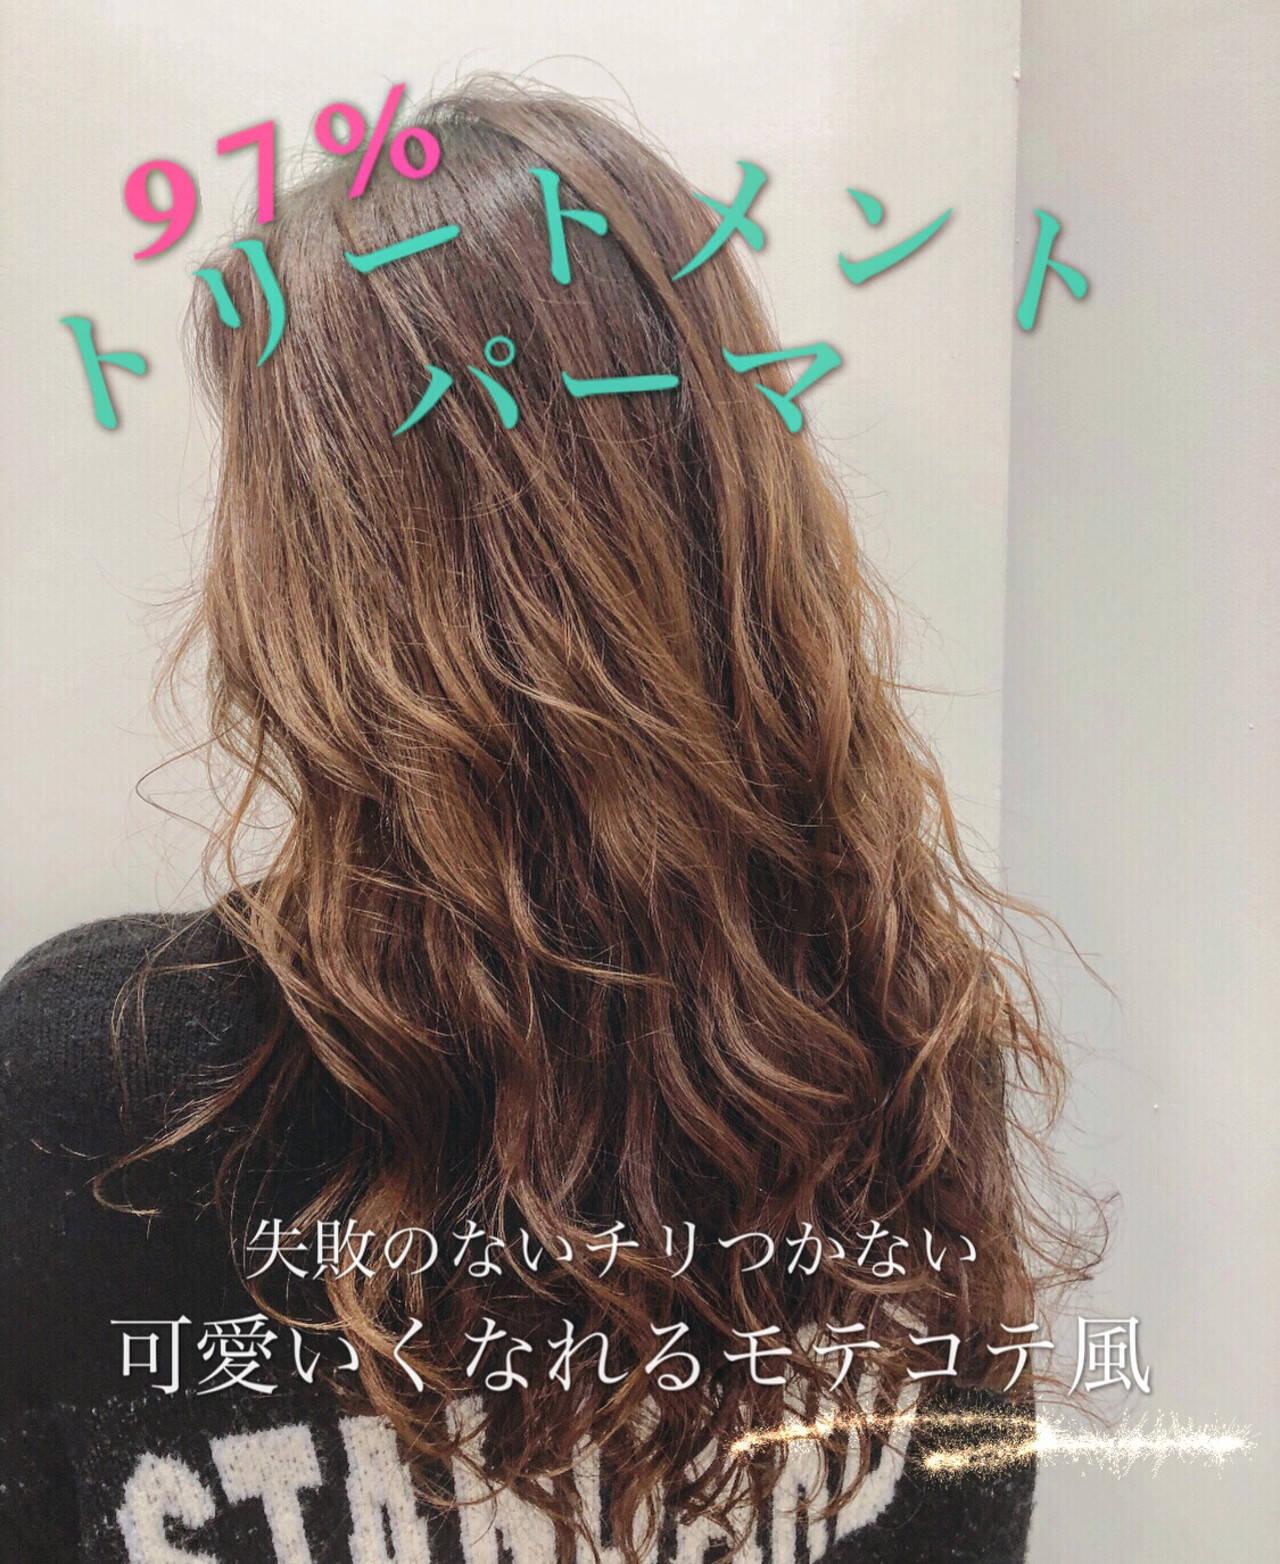 エレガント 巻き髪 ロング 小顔ヘアヘアスタイルや髪型の写真・画像